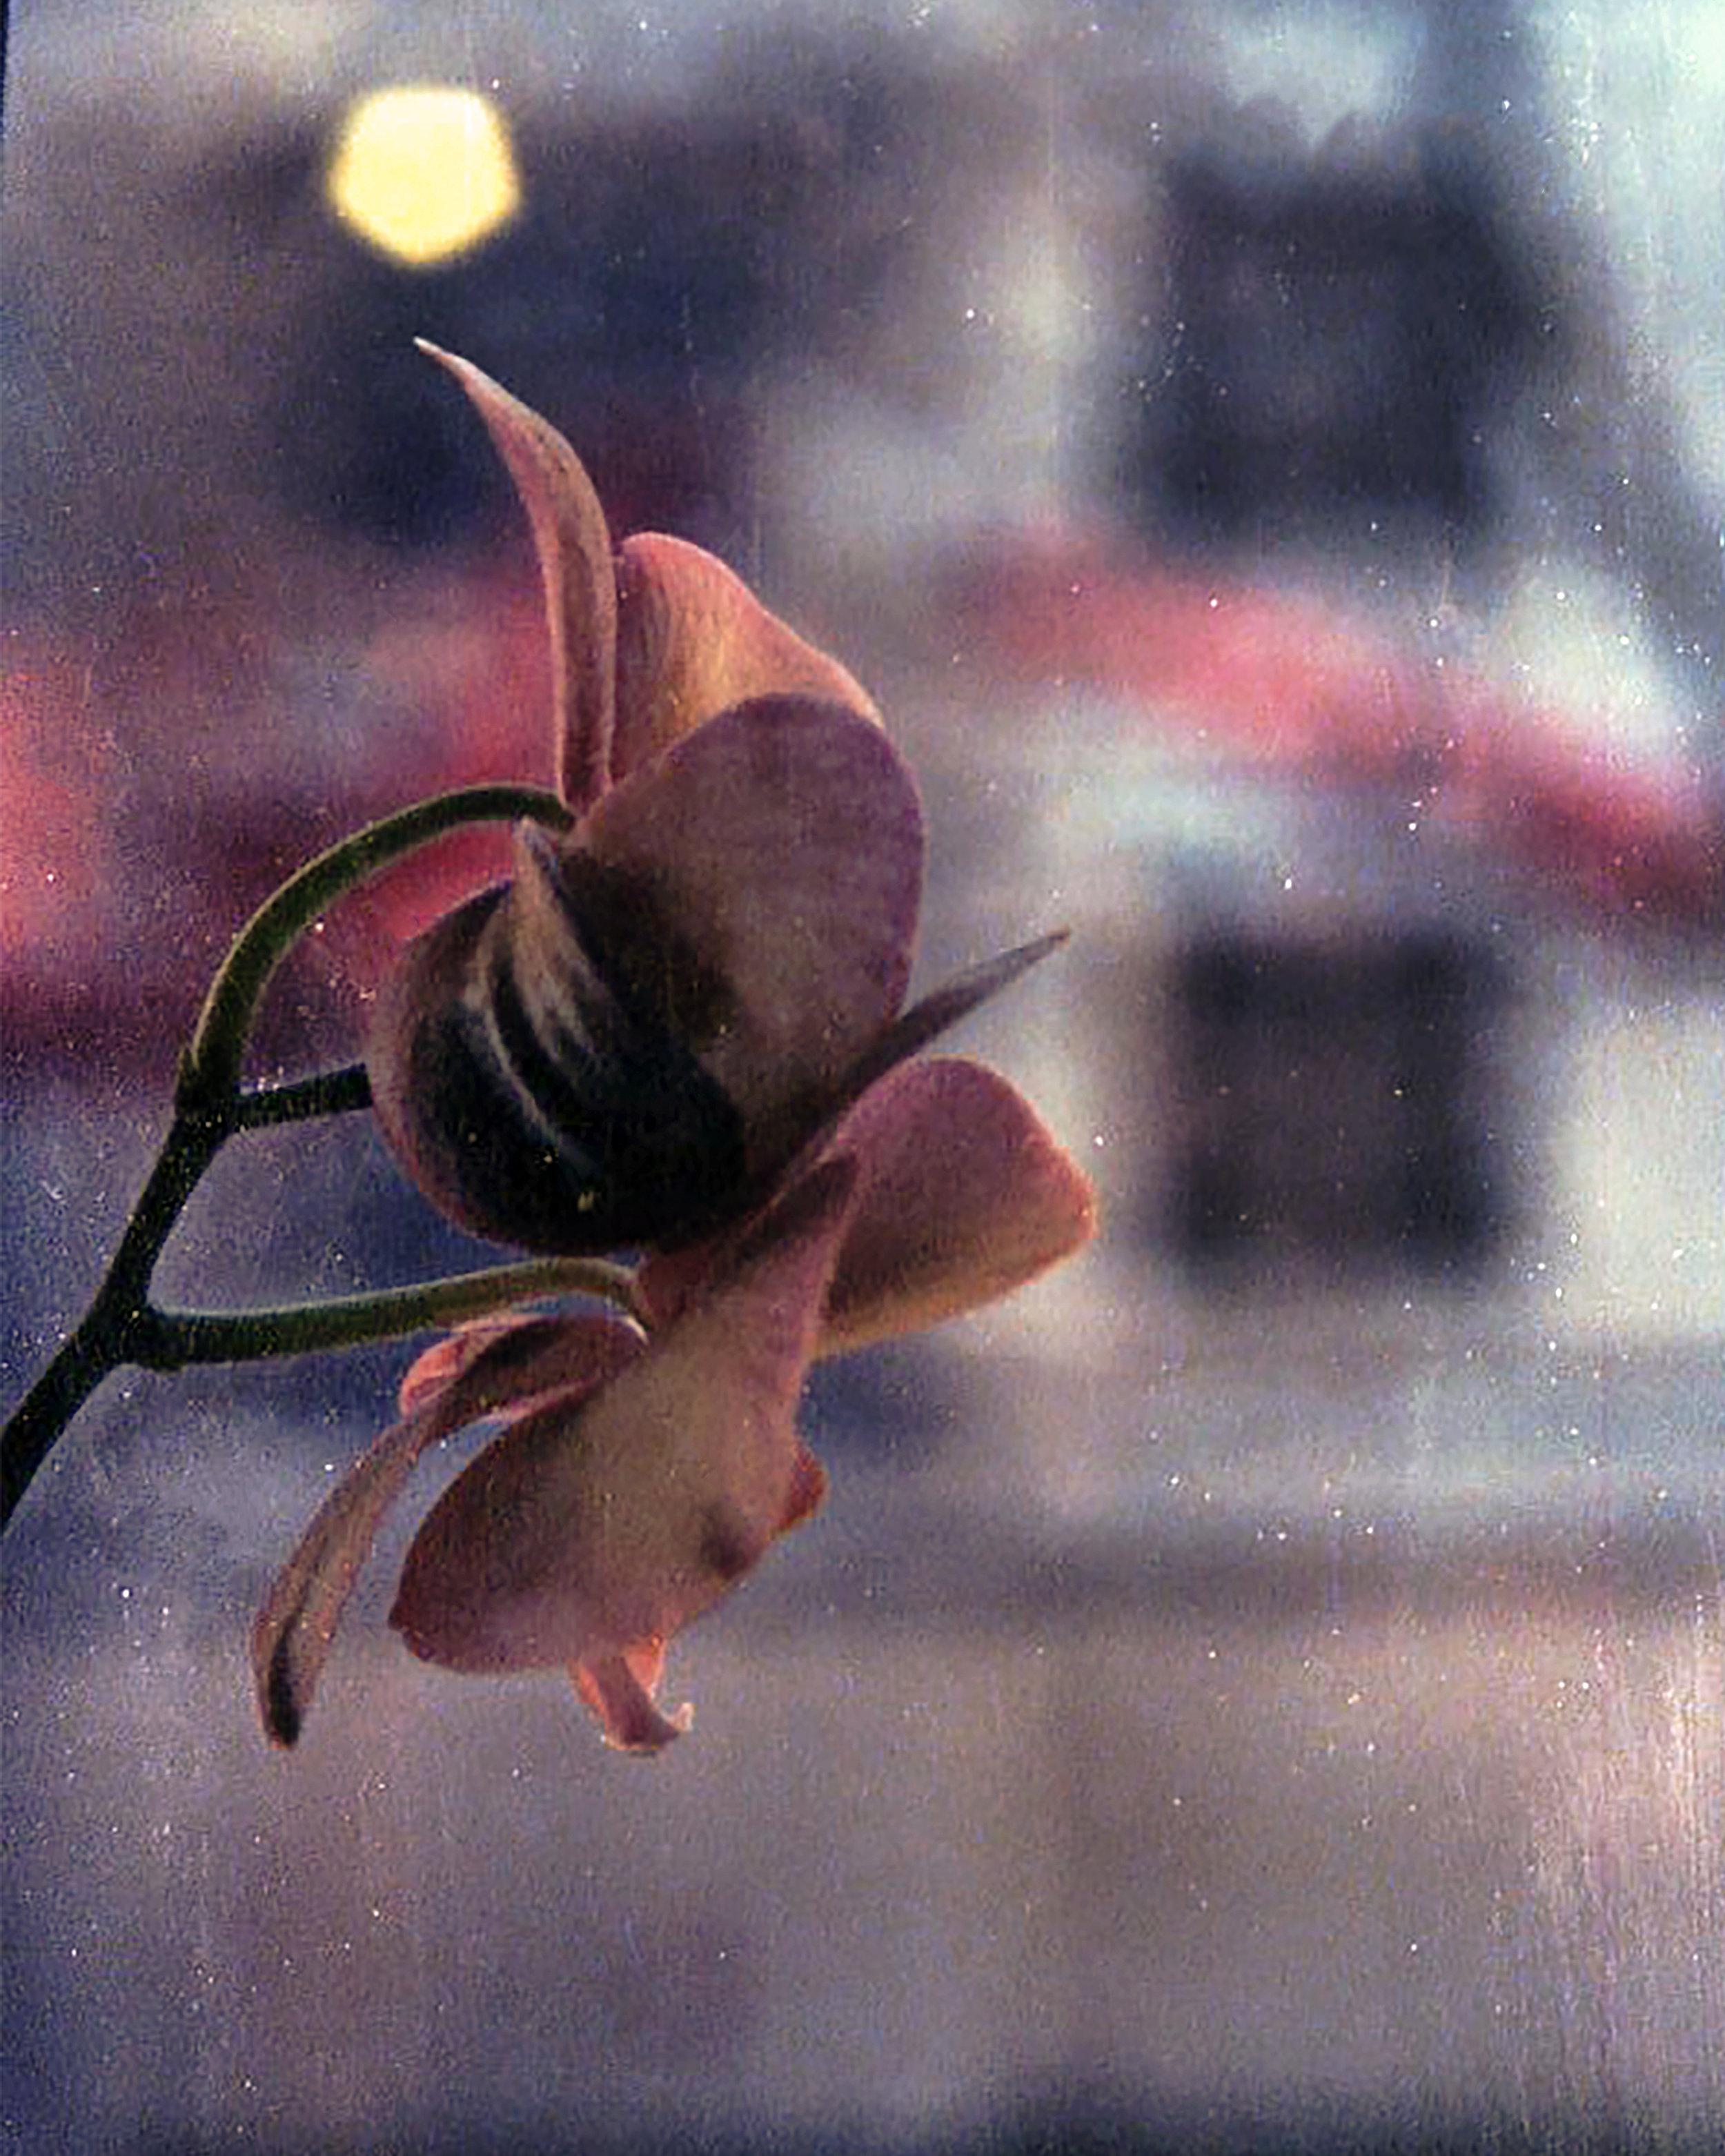 flower on film.jpg